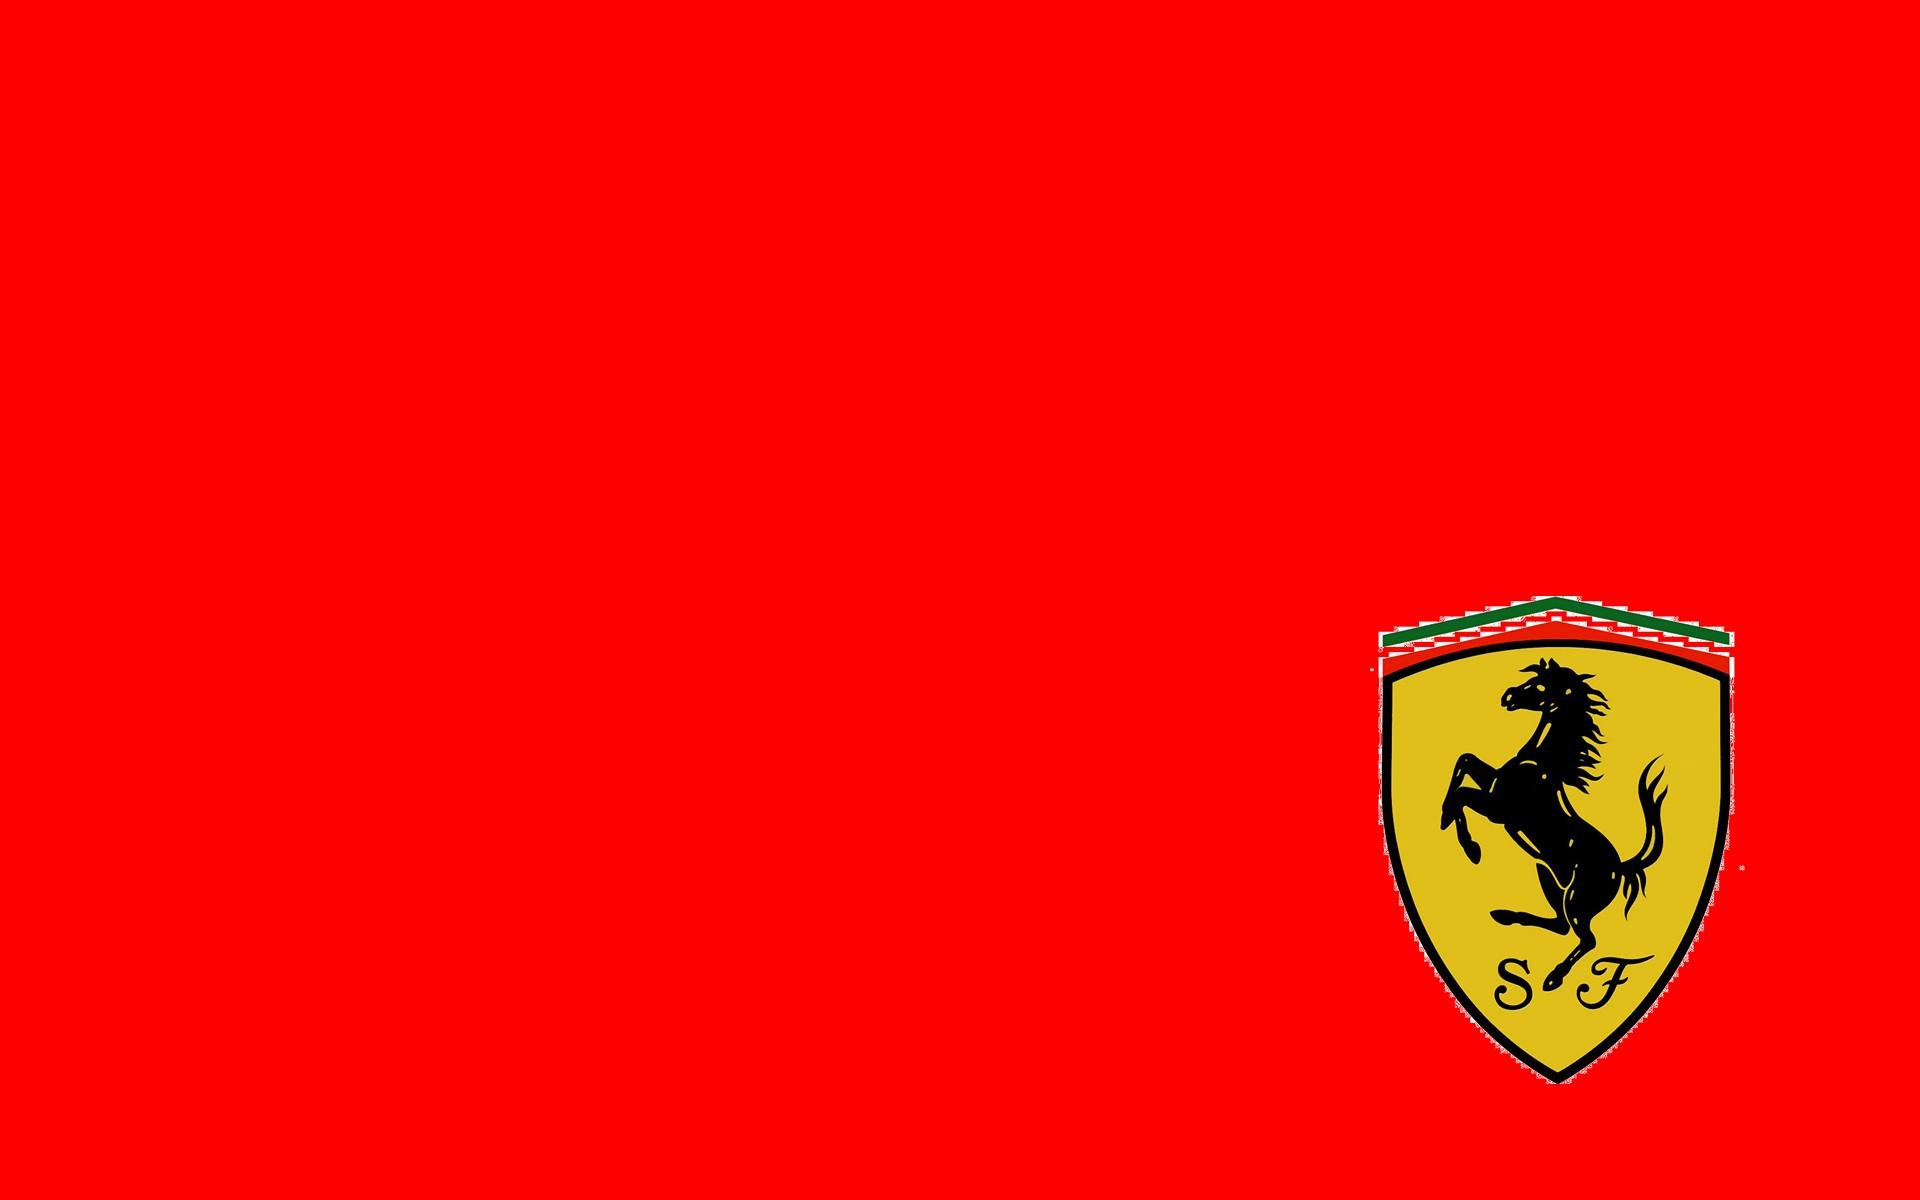 ferrari logo download